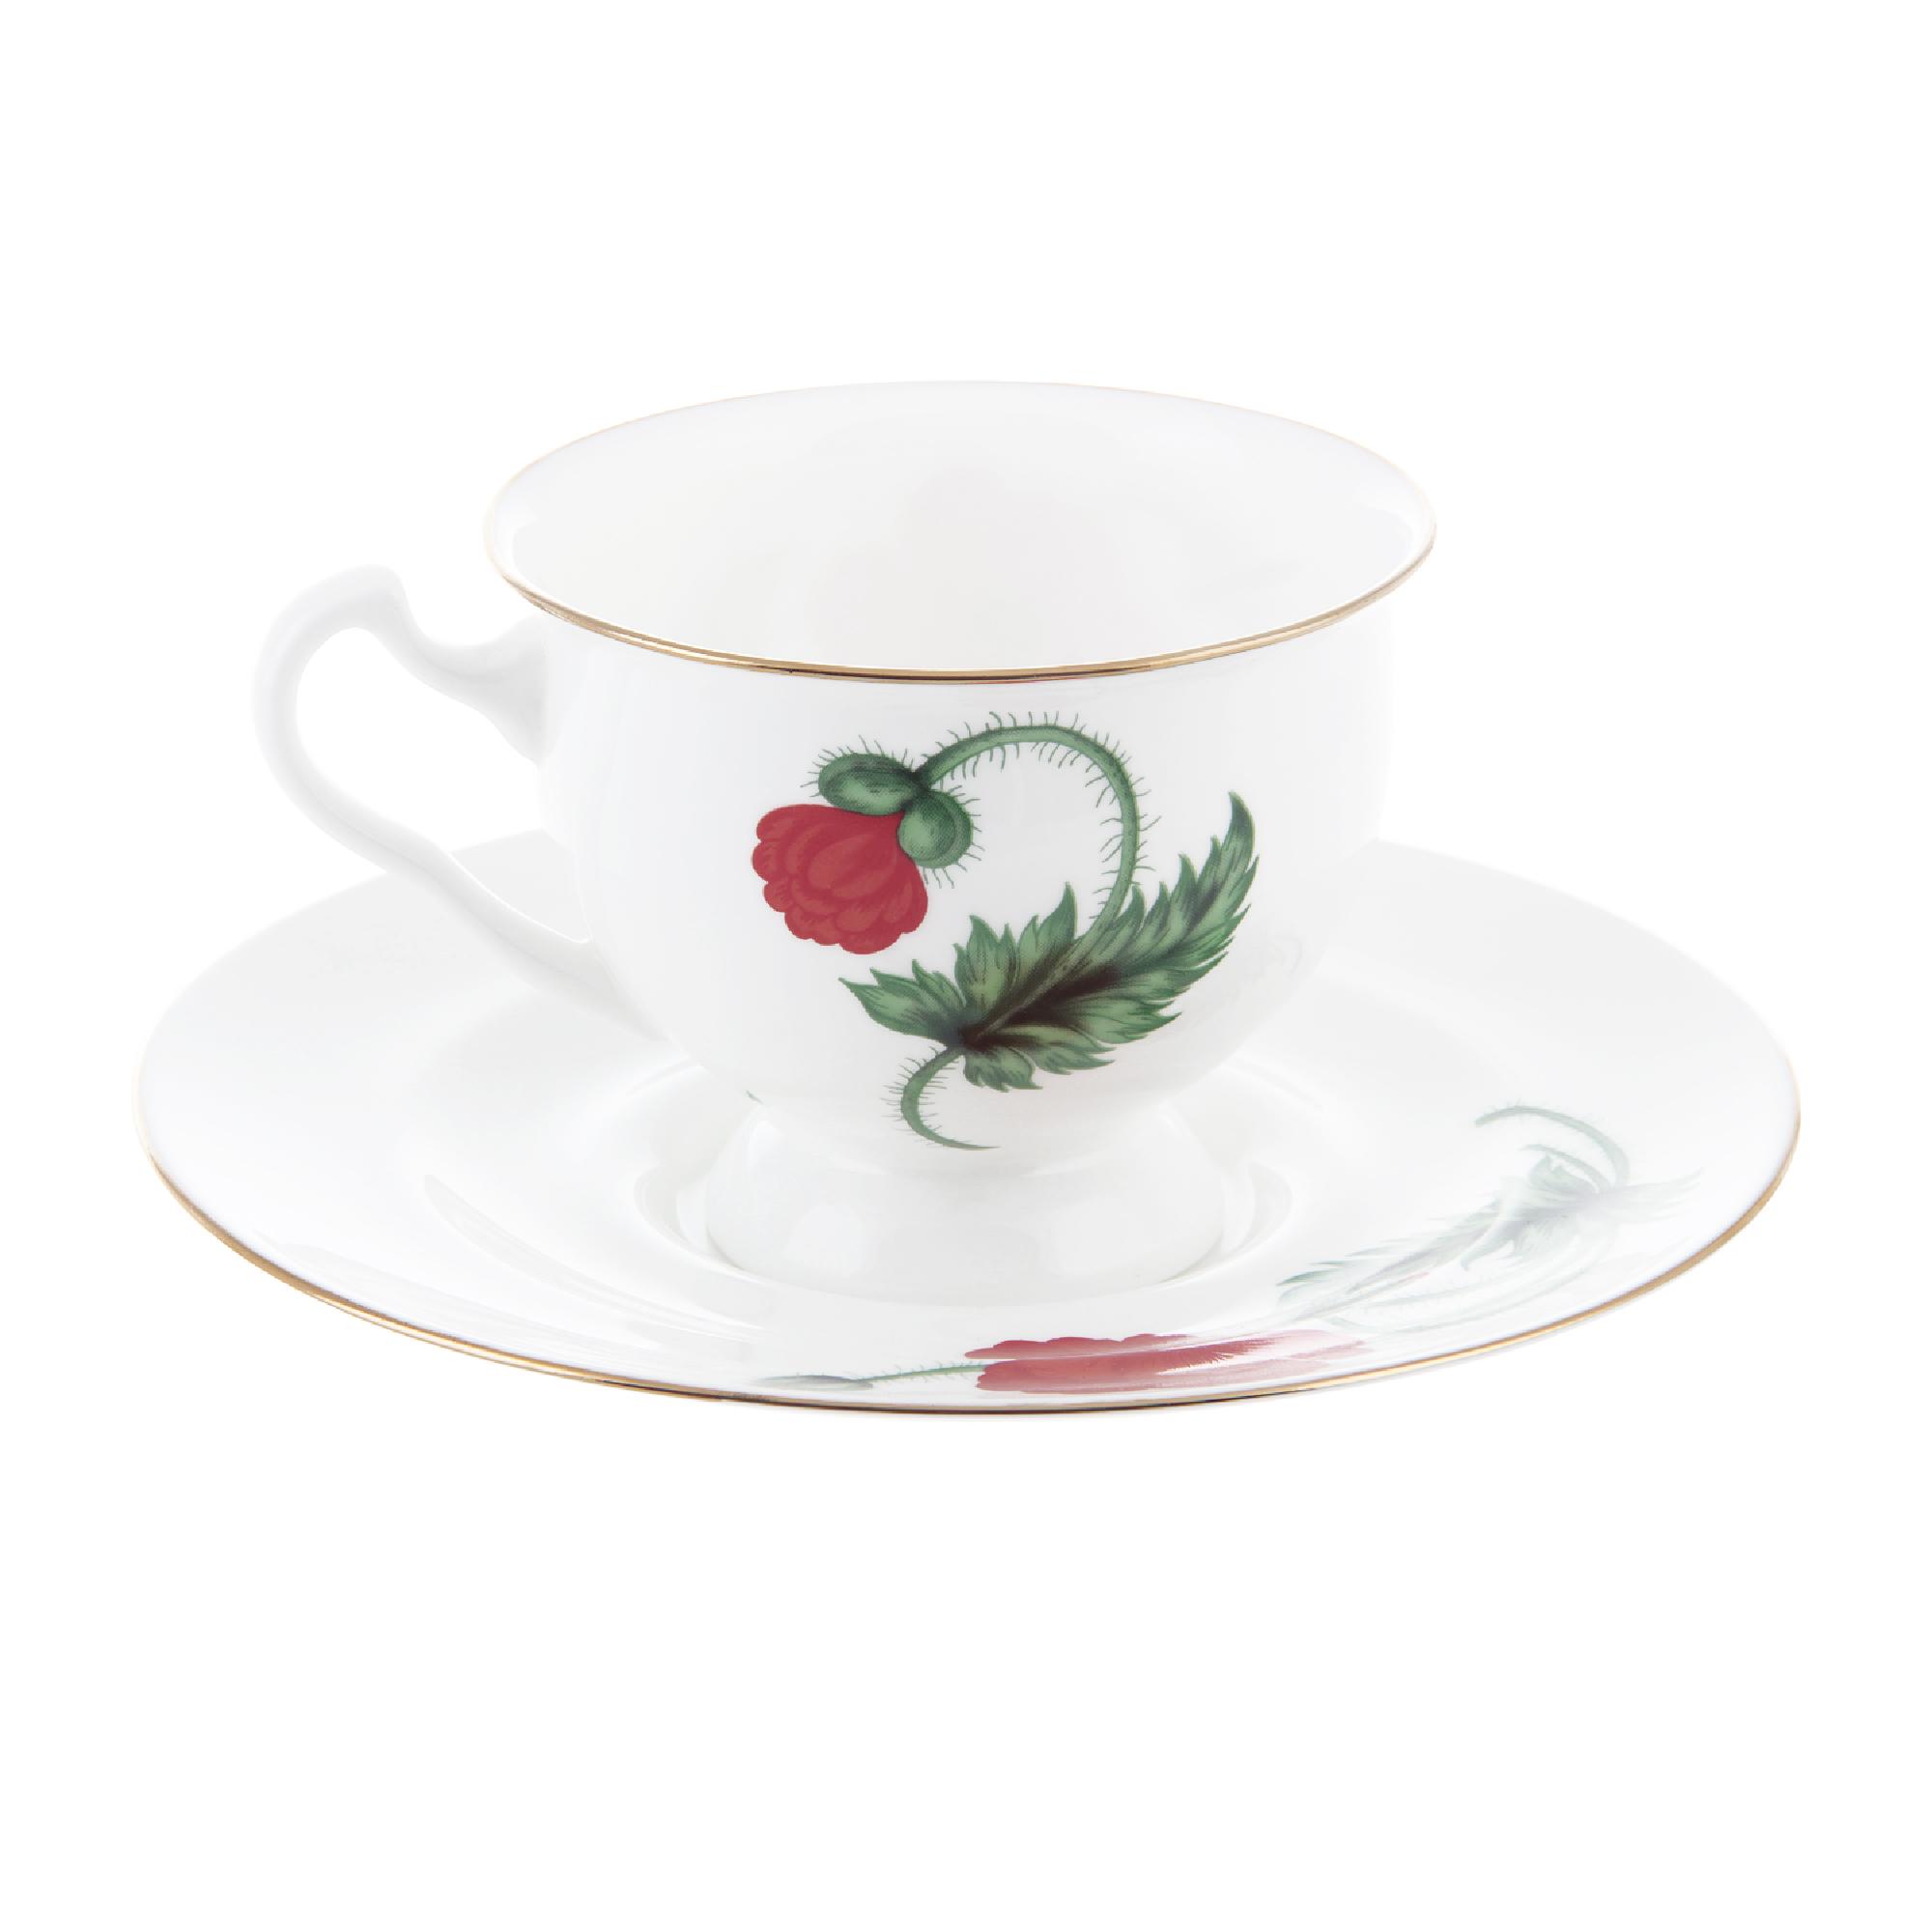 Чашка с блюдцем чайная айседора кардинал Ифз